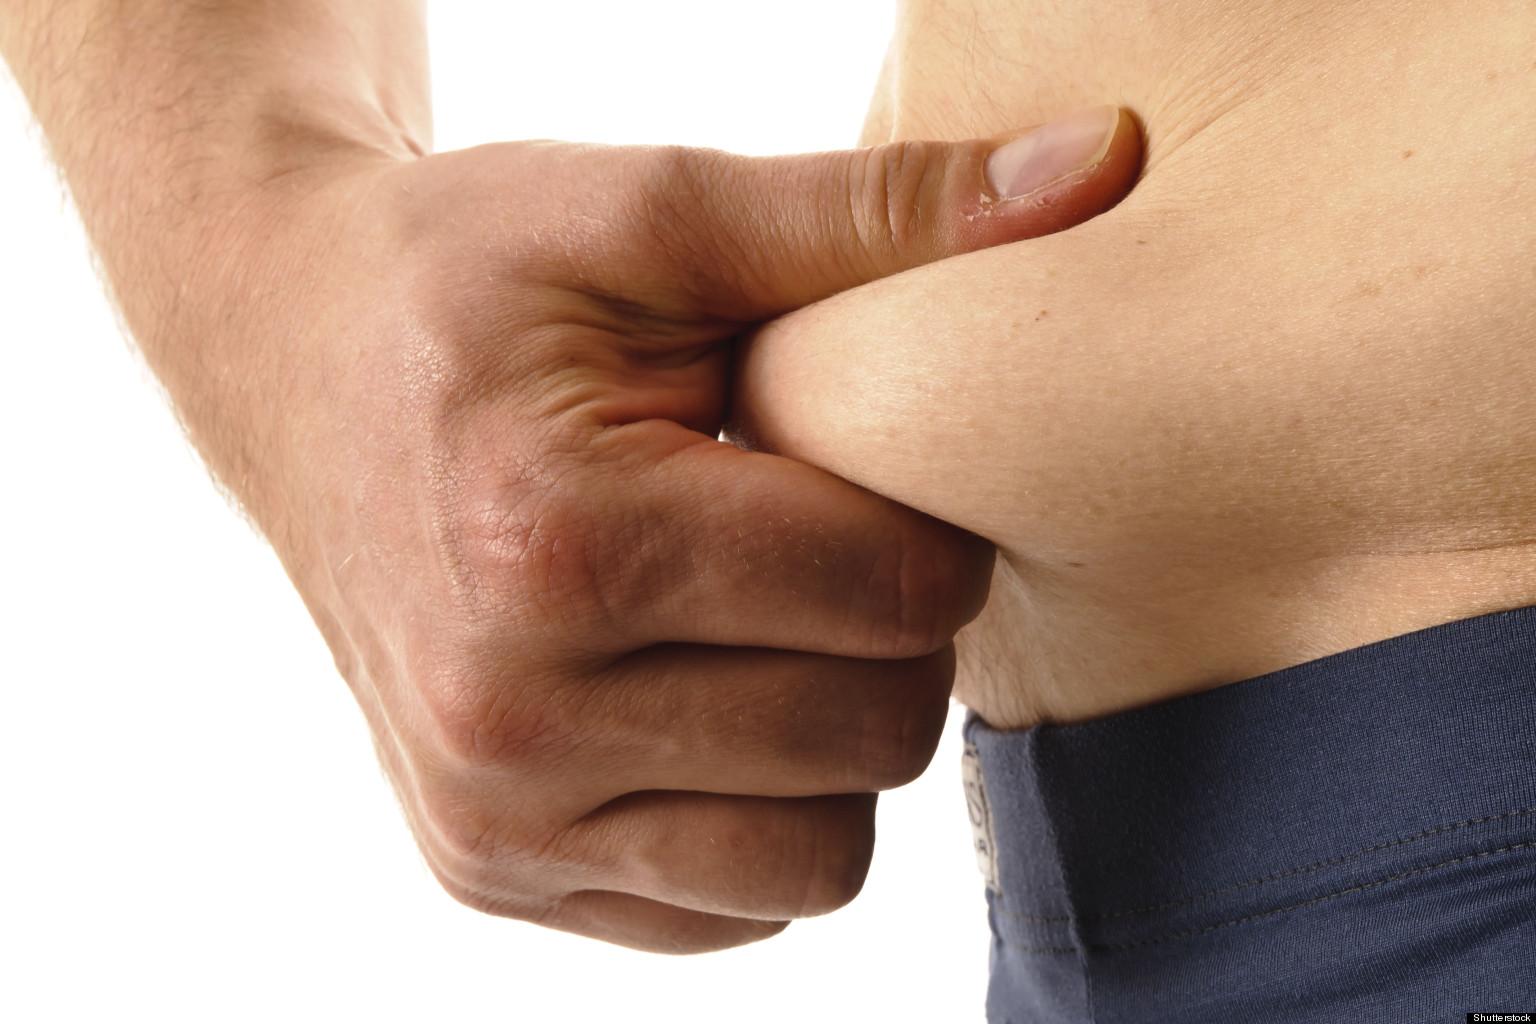 esercizio per sbarazzarsi di grasso lombare